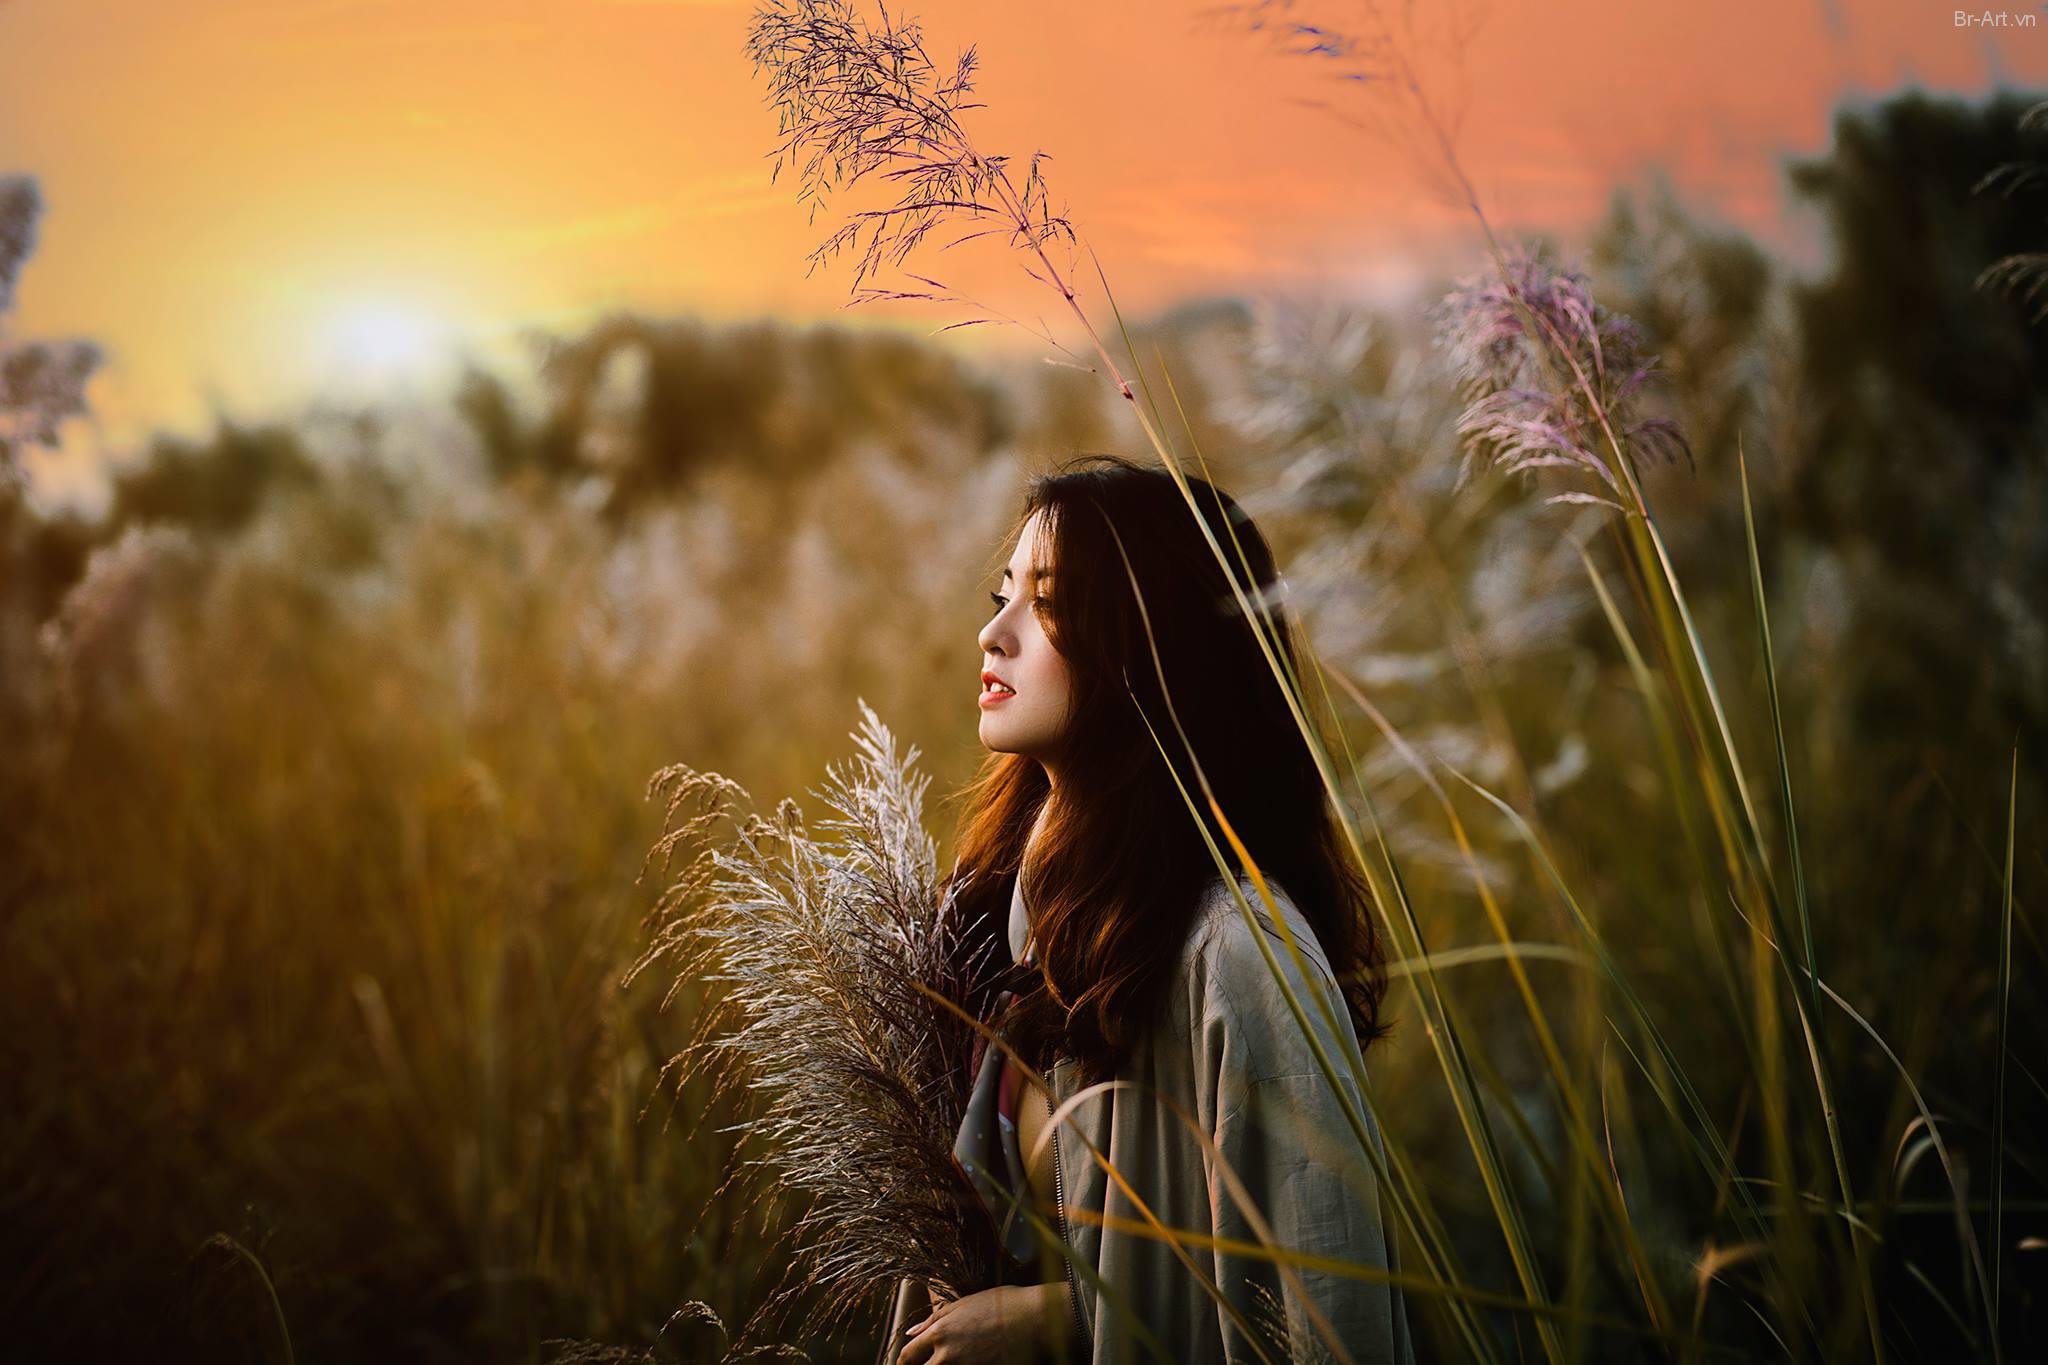 Hình ảnh nắng phủ trên cánh đồng cỏ